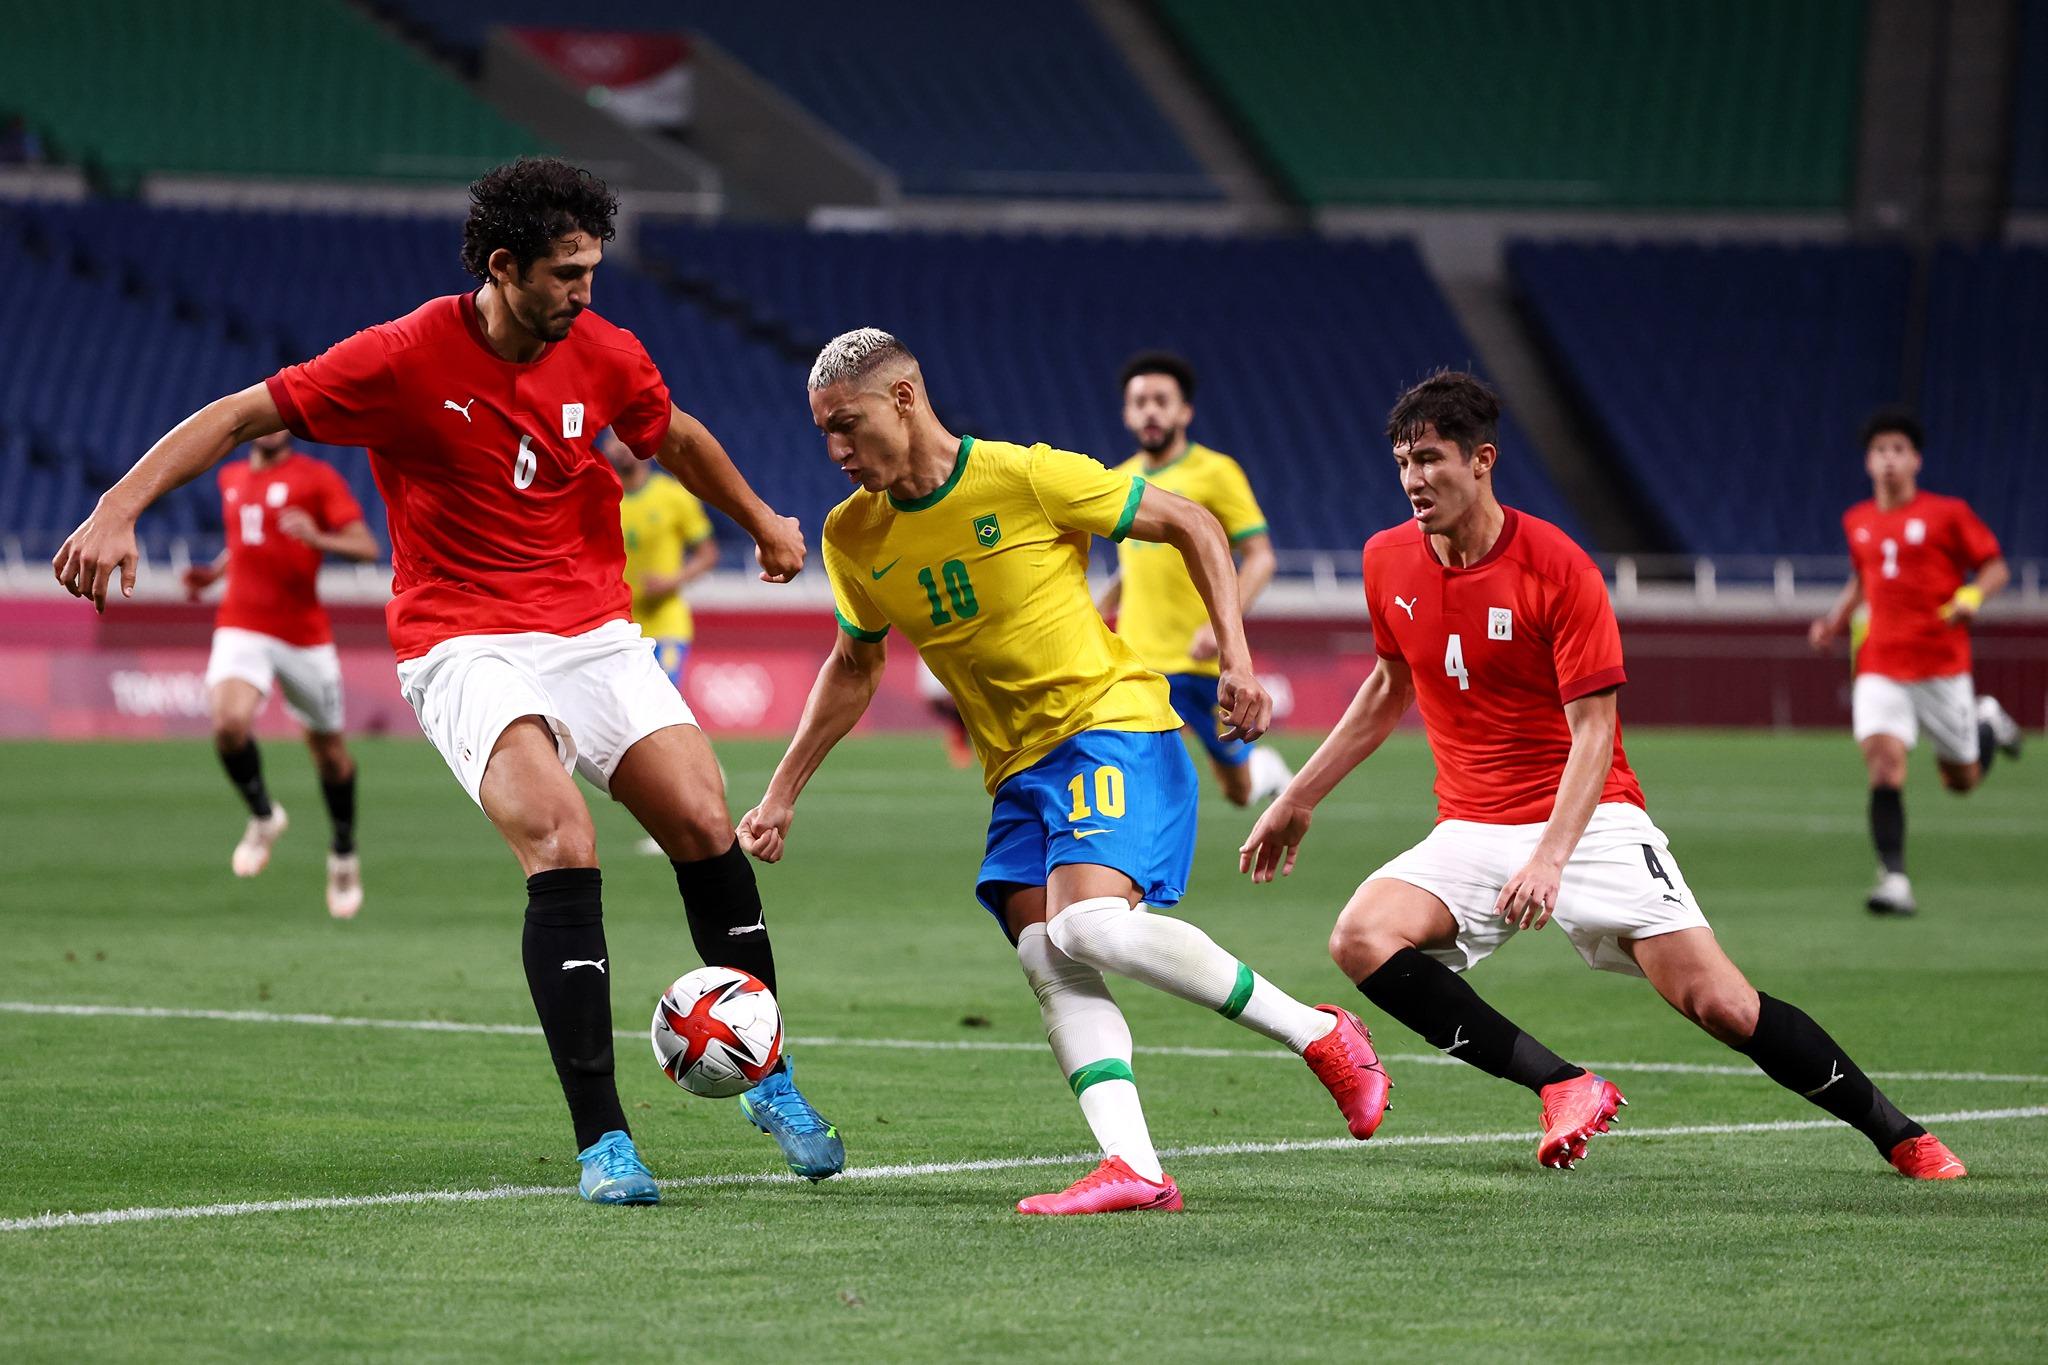 ओलम्पिक फुटबल : ब्राजिल सेमिफाइनलमा